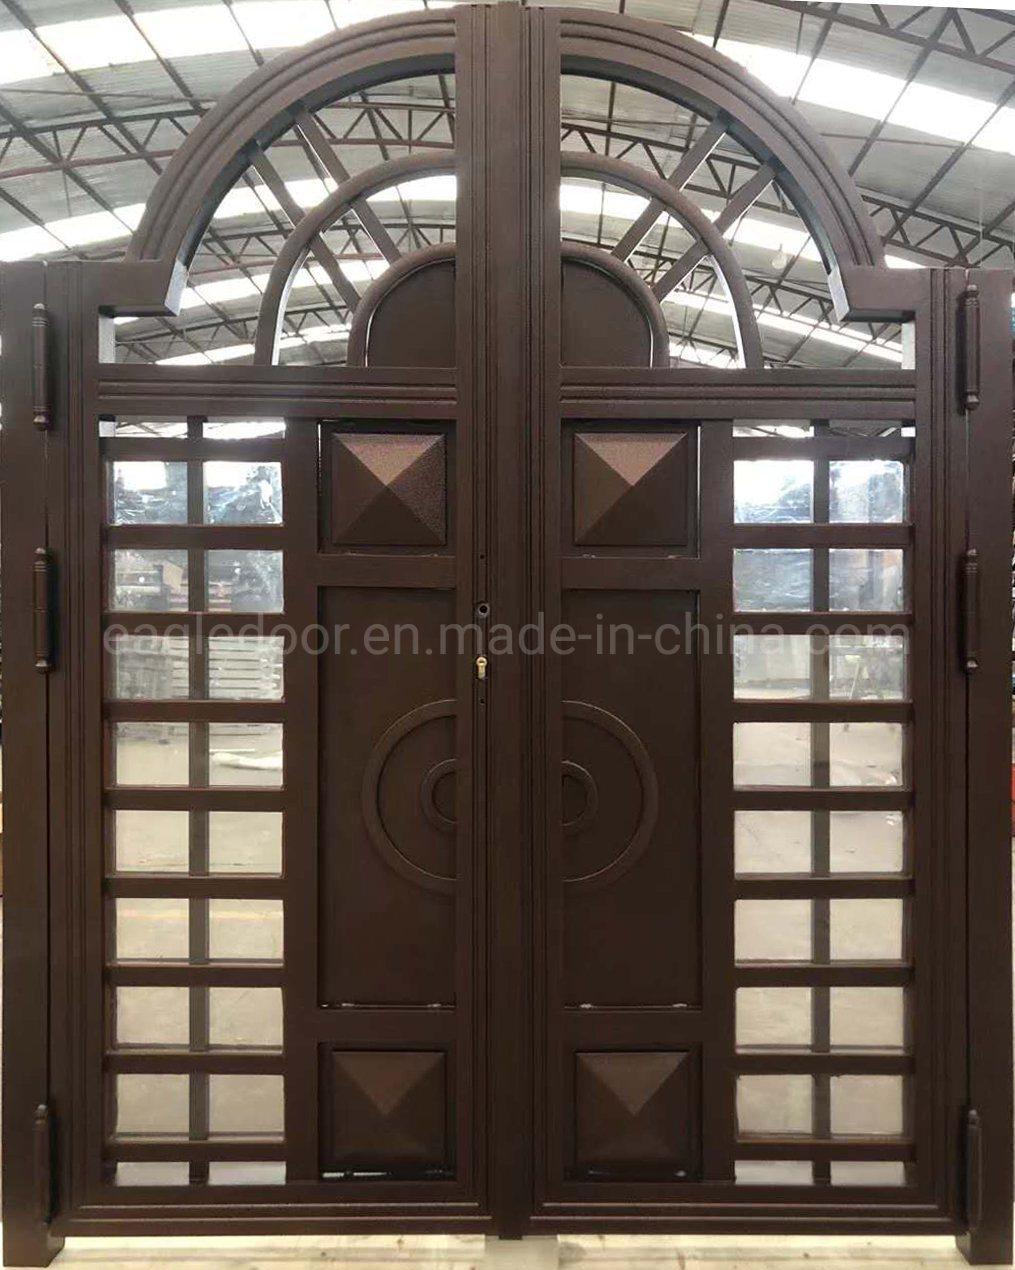 China Stainless Steel Storm Security Design Doors Exterior Double Door China Courtyard Door Metal Screen Fencing